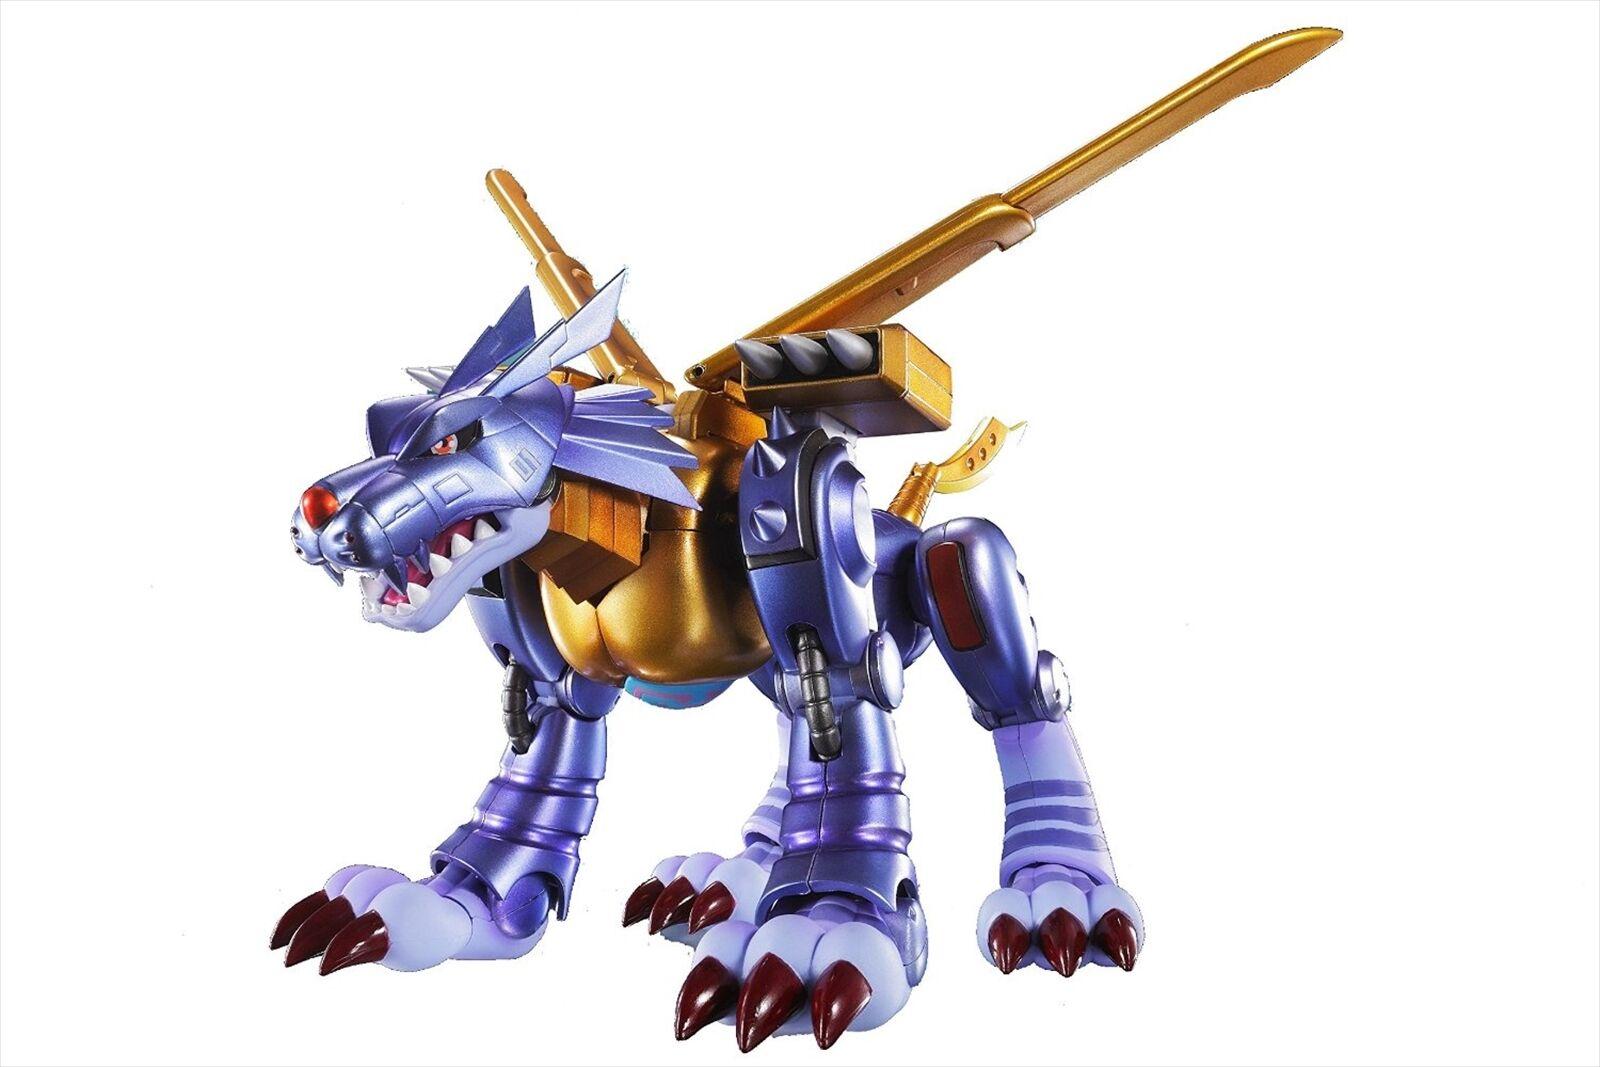 Bandai Tamashii Nations de S.H. Figuarts Metal Garurumon Digimon Figura De Acción